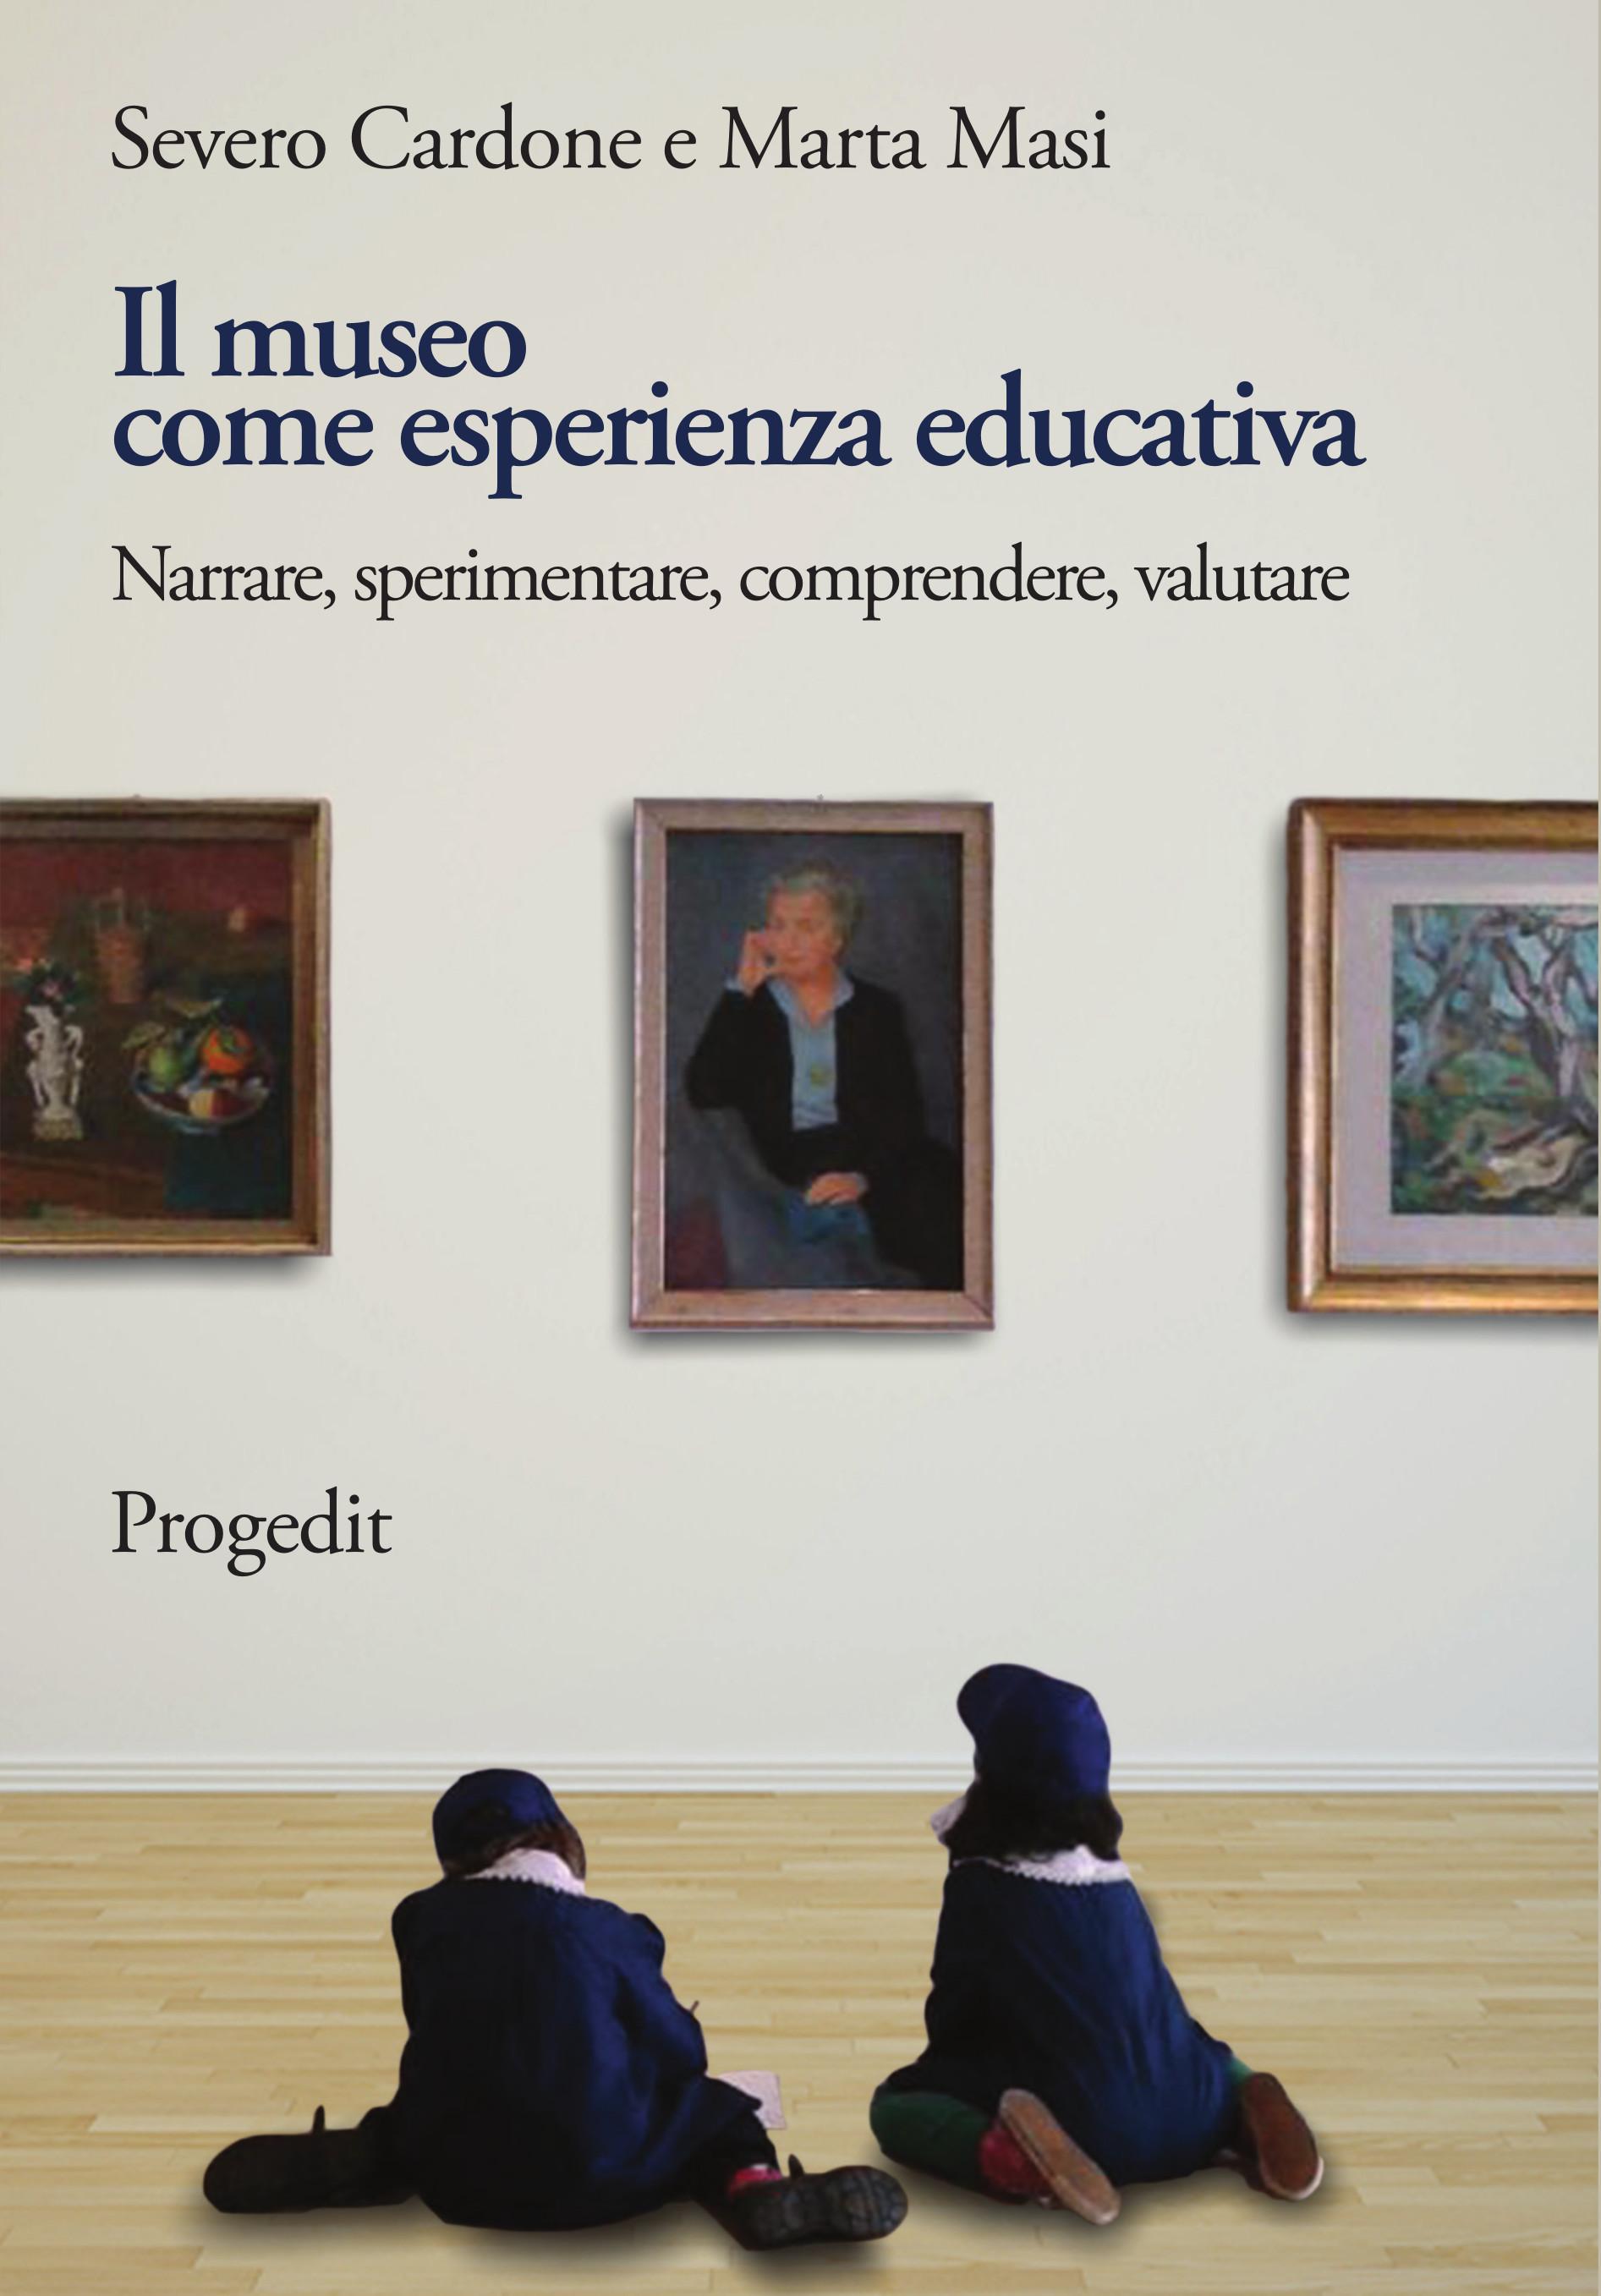 Il museo come esperienza educativa